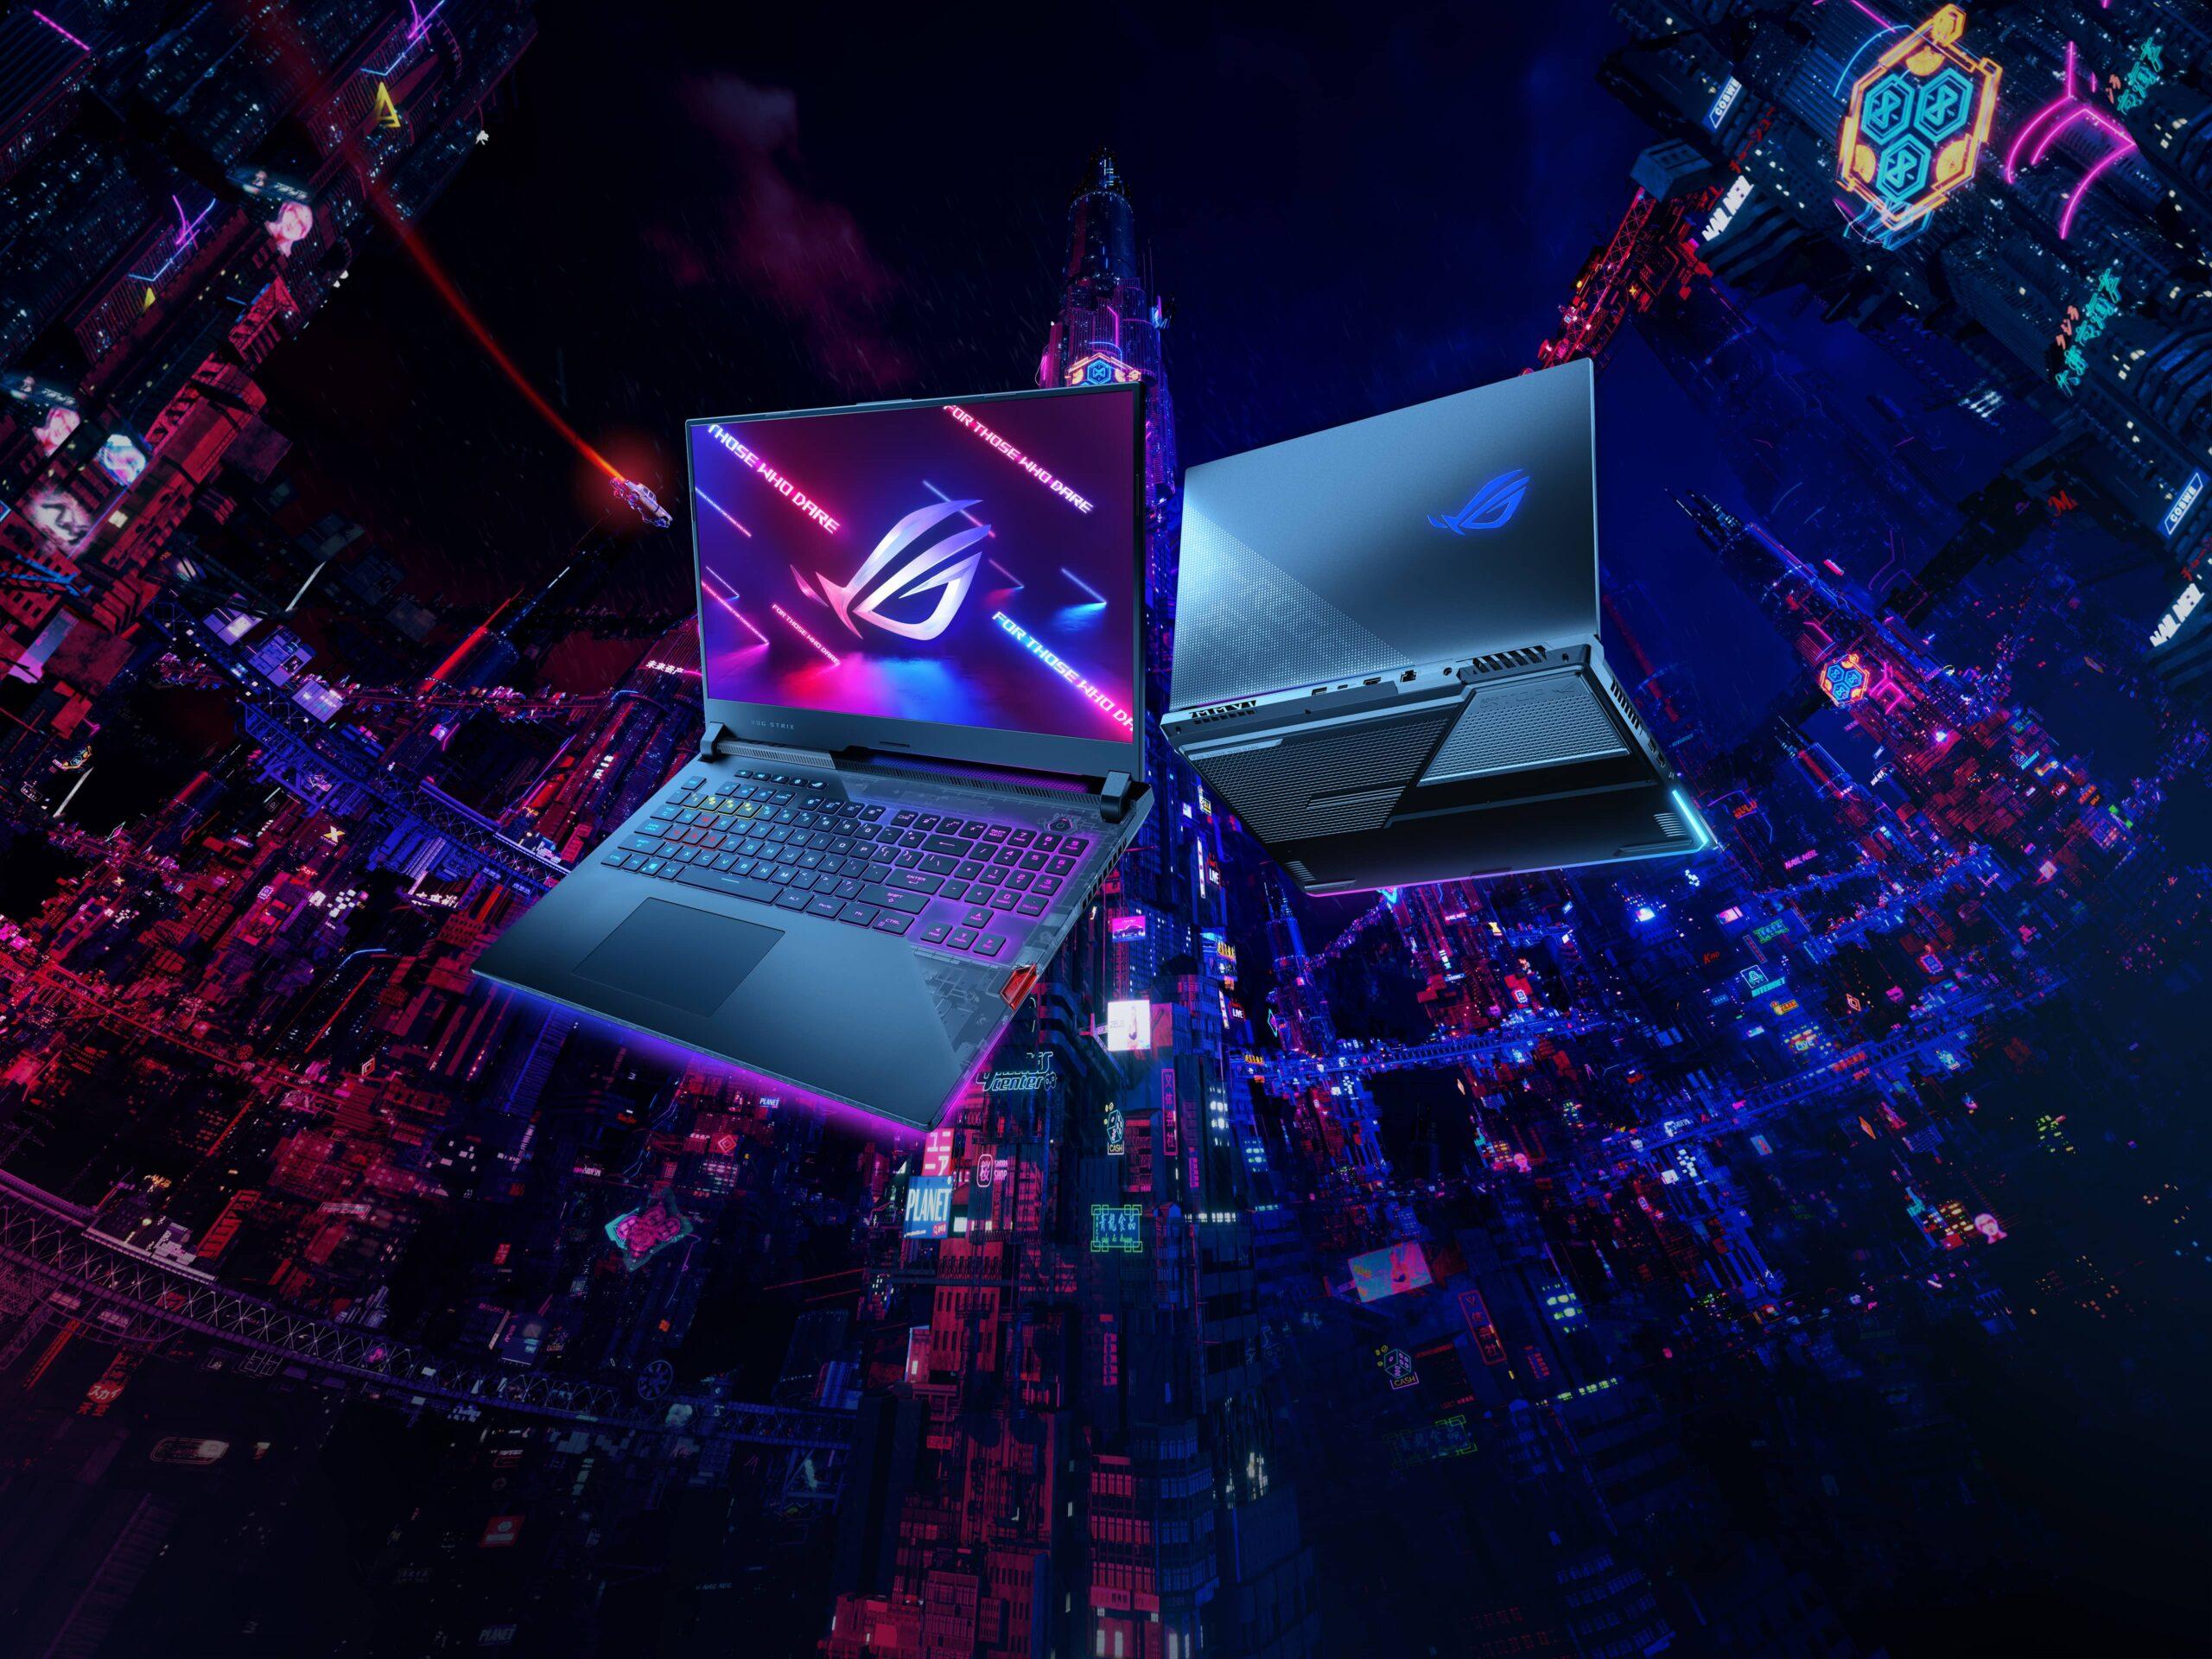 Asus ROG Strix Scar : la nouvelle série Asus pour le gaming et l'eSport